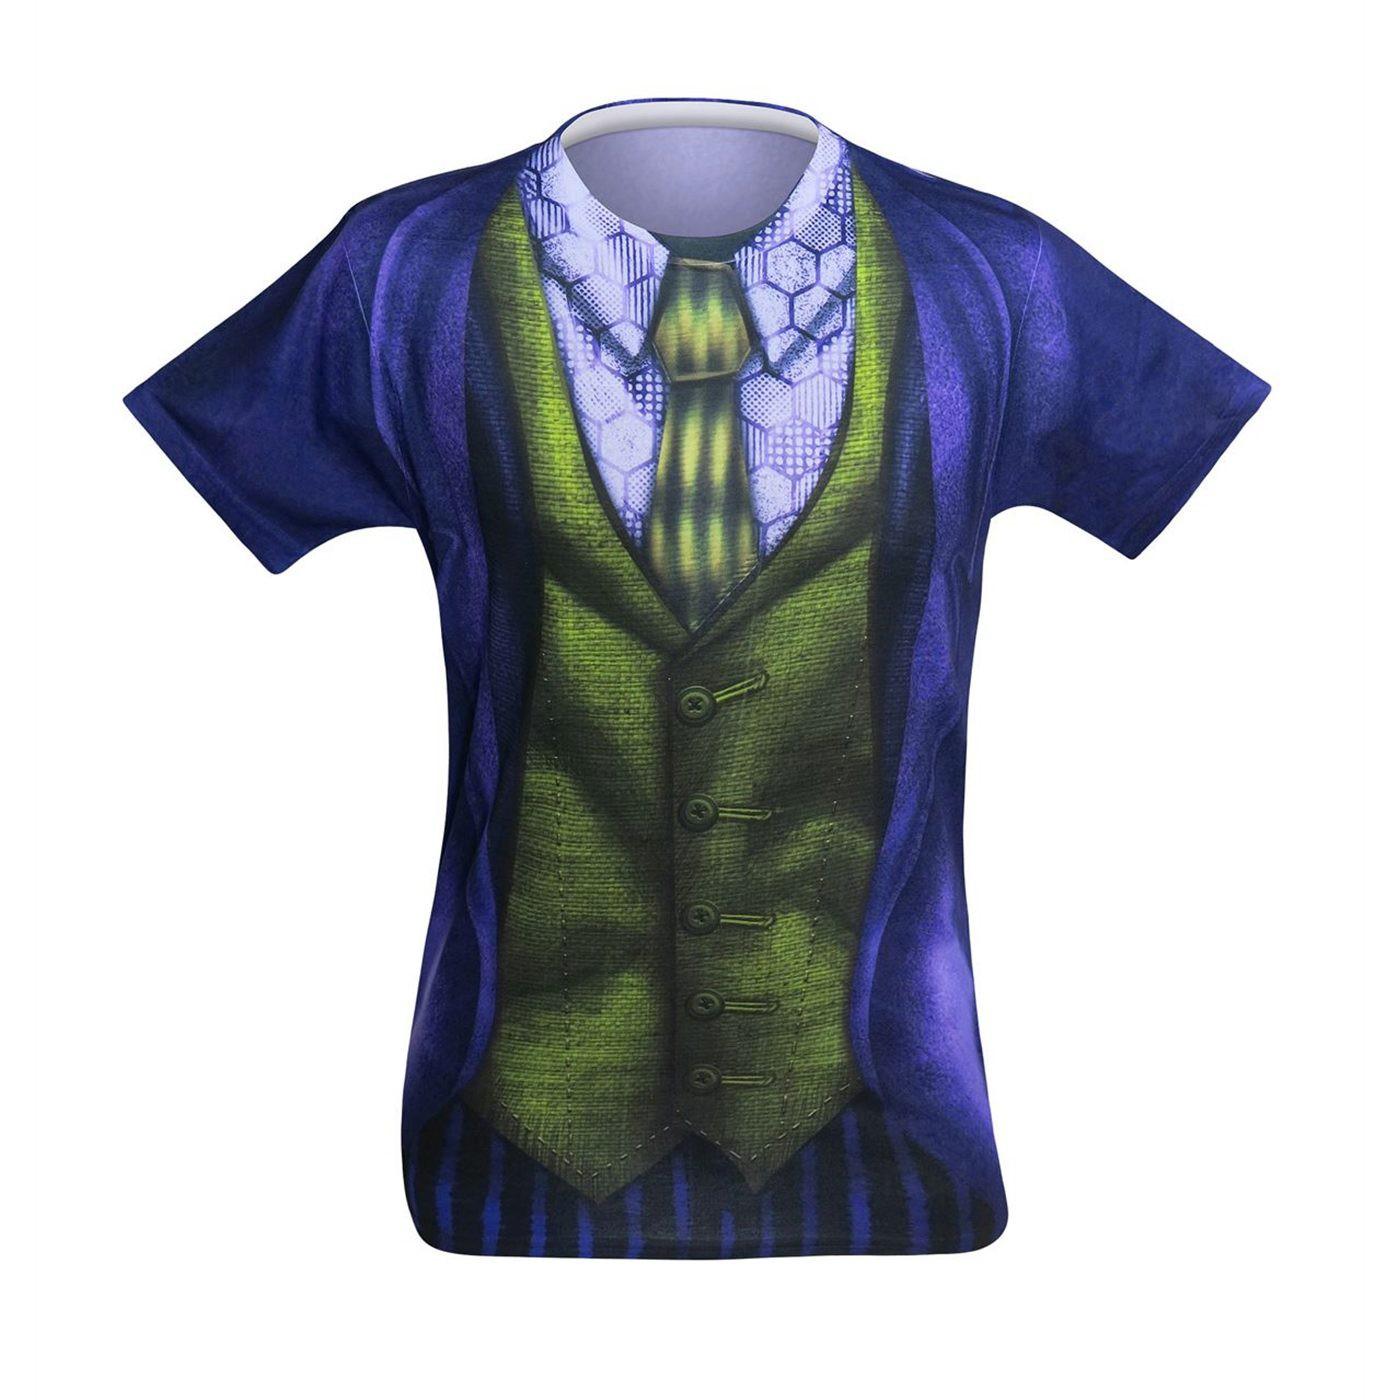 Joker Suit-Up Sublimated Costume Men's T-Shirt